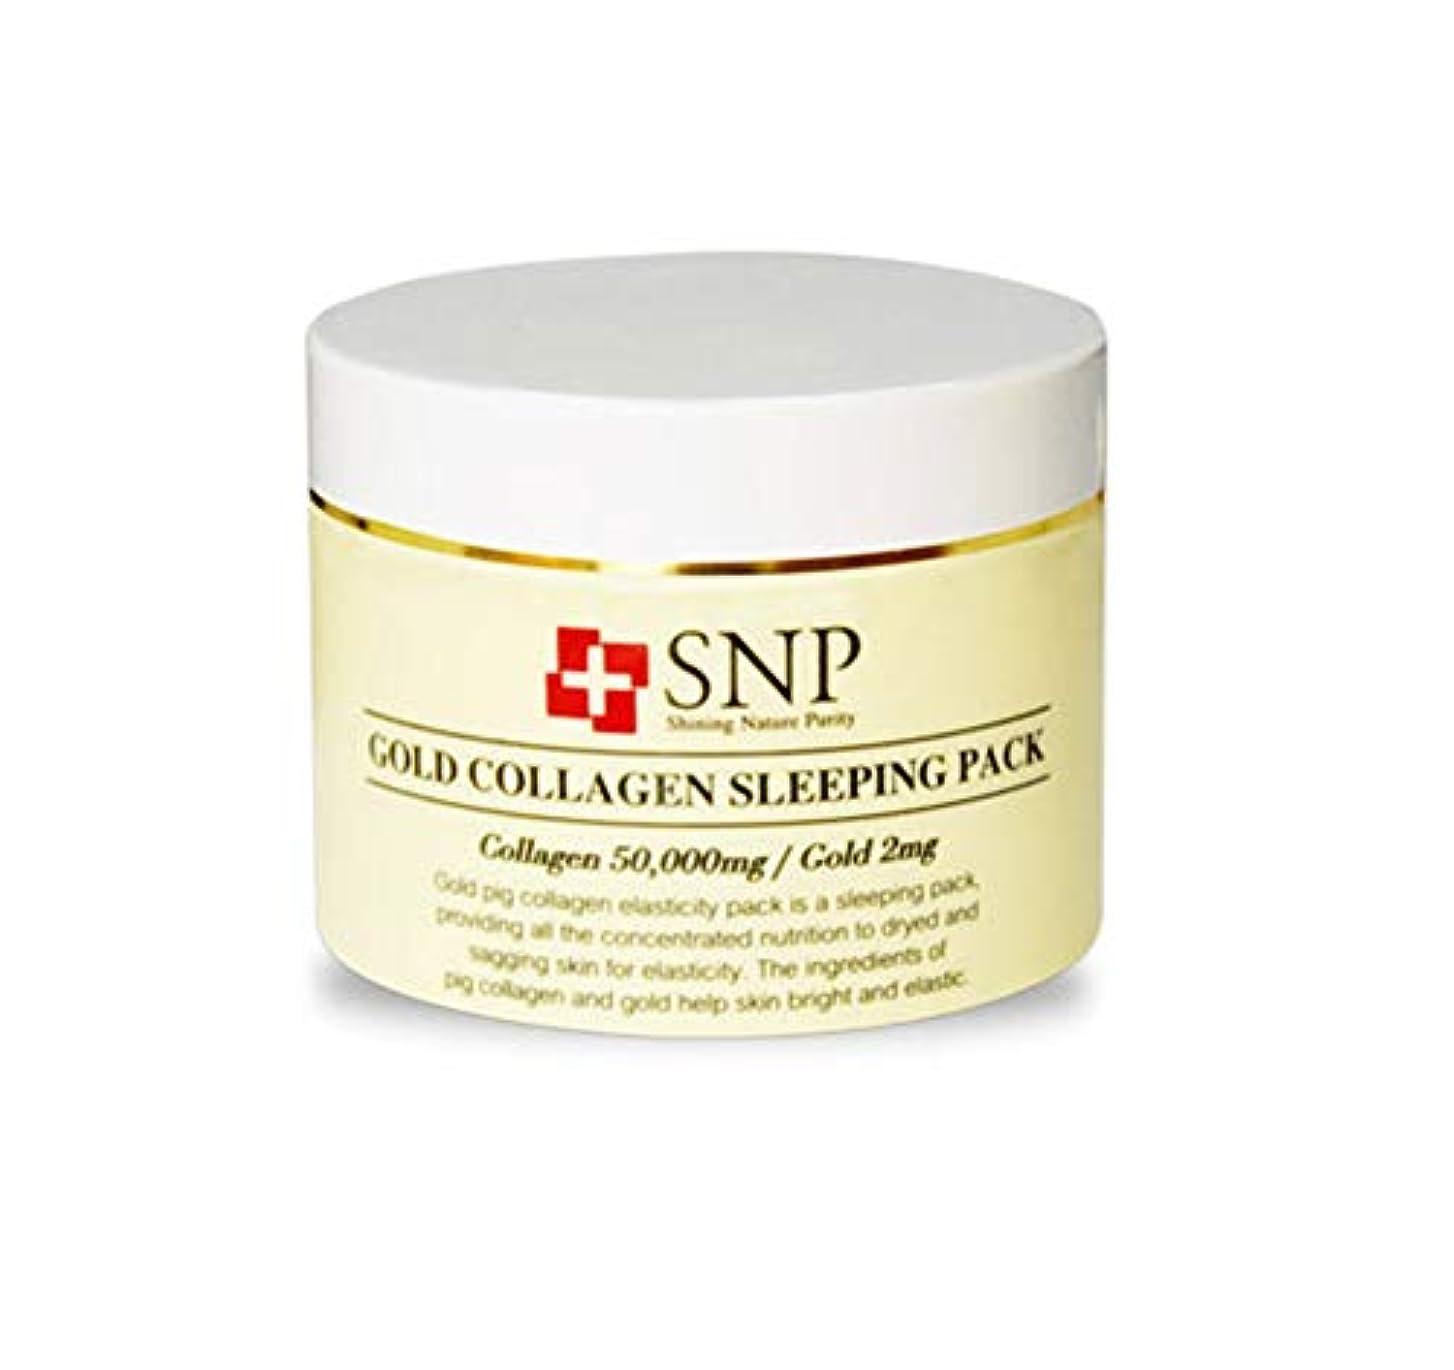 株式会社愚かなヘアエスエンピSNP 韓国コスメ ゴールドコラーゲンスリーピングパック睡眠パック100g 海外直送品 SNP Gold Collagen Sleeping Pack Night Cream [並行輸入品]